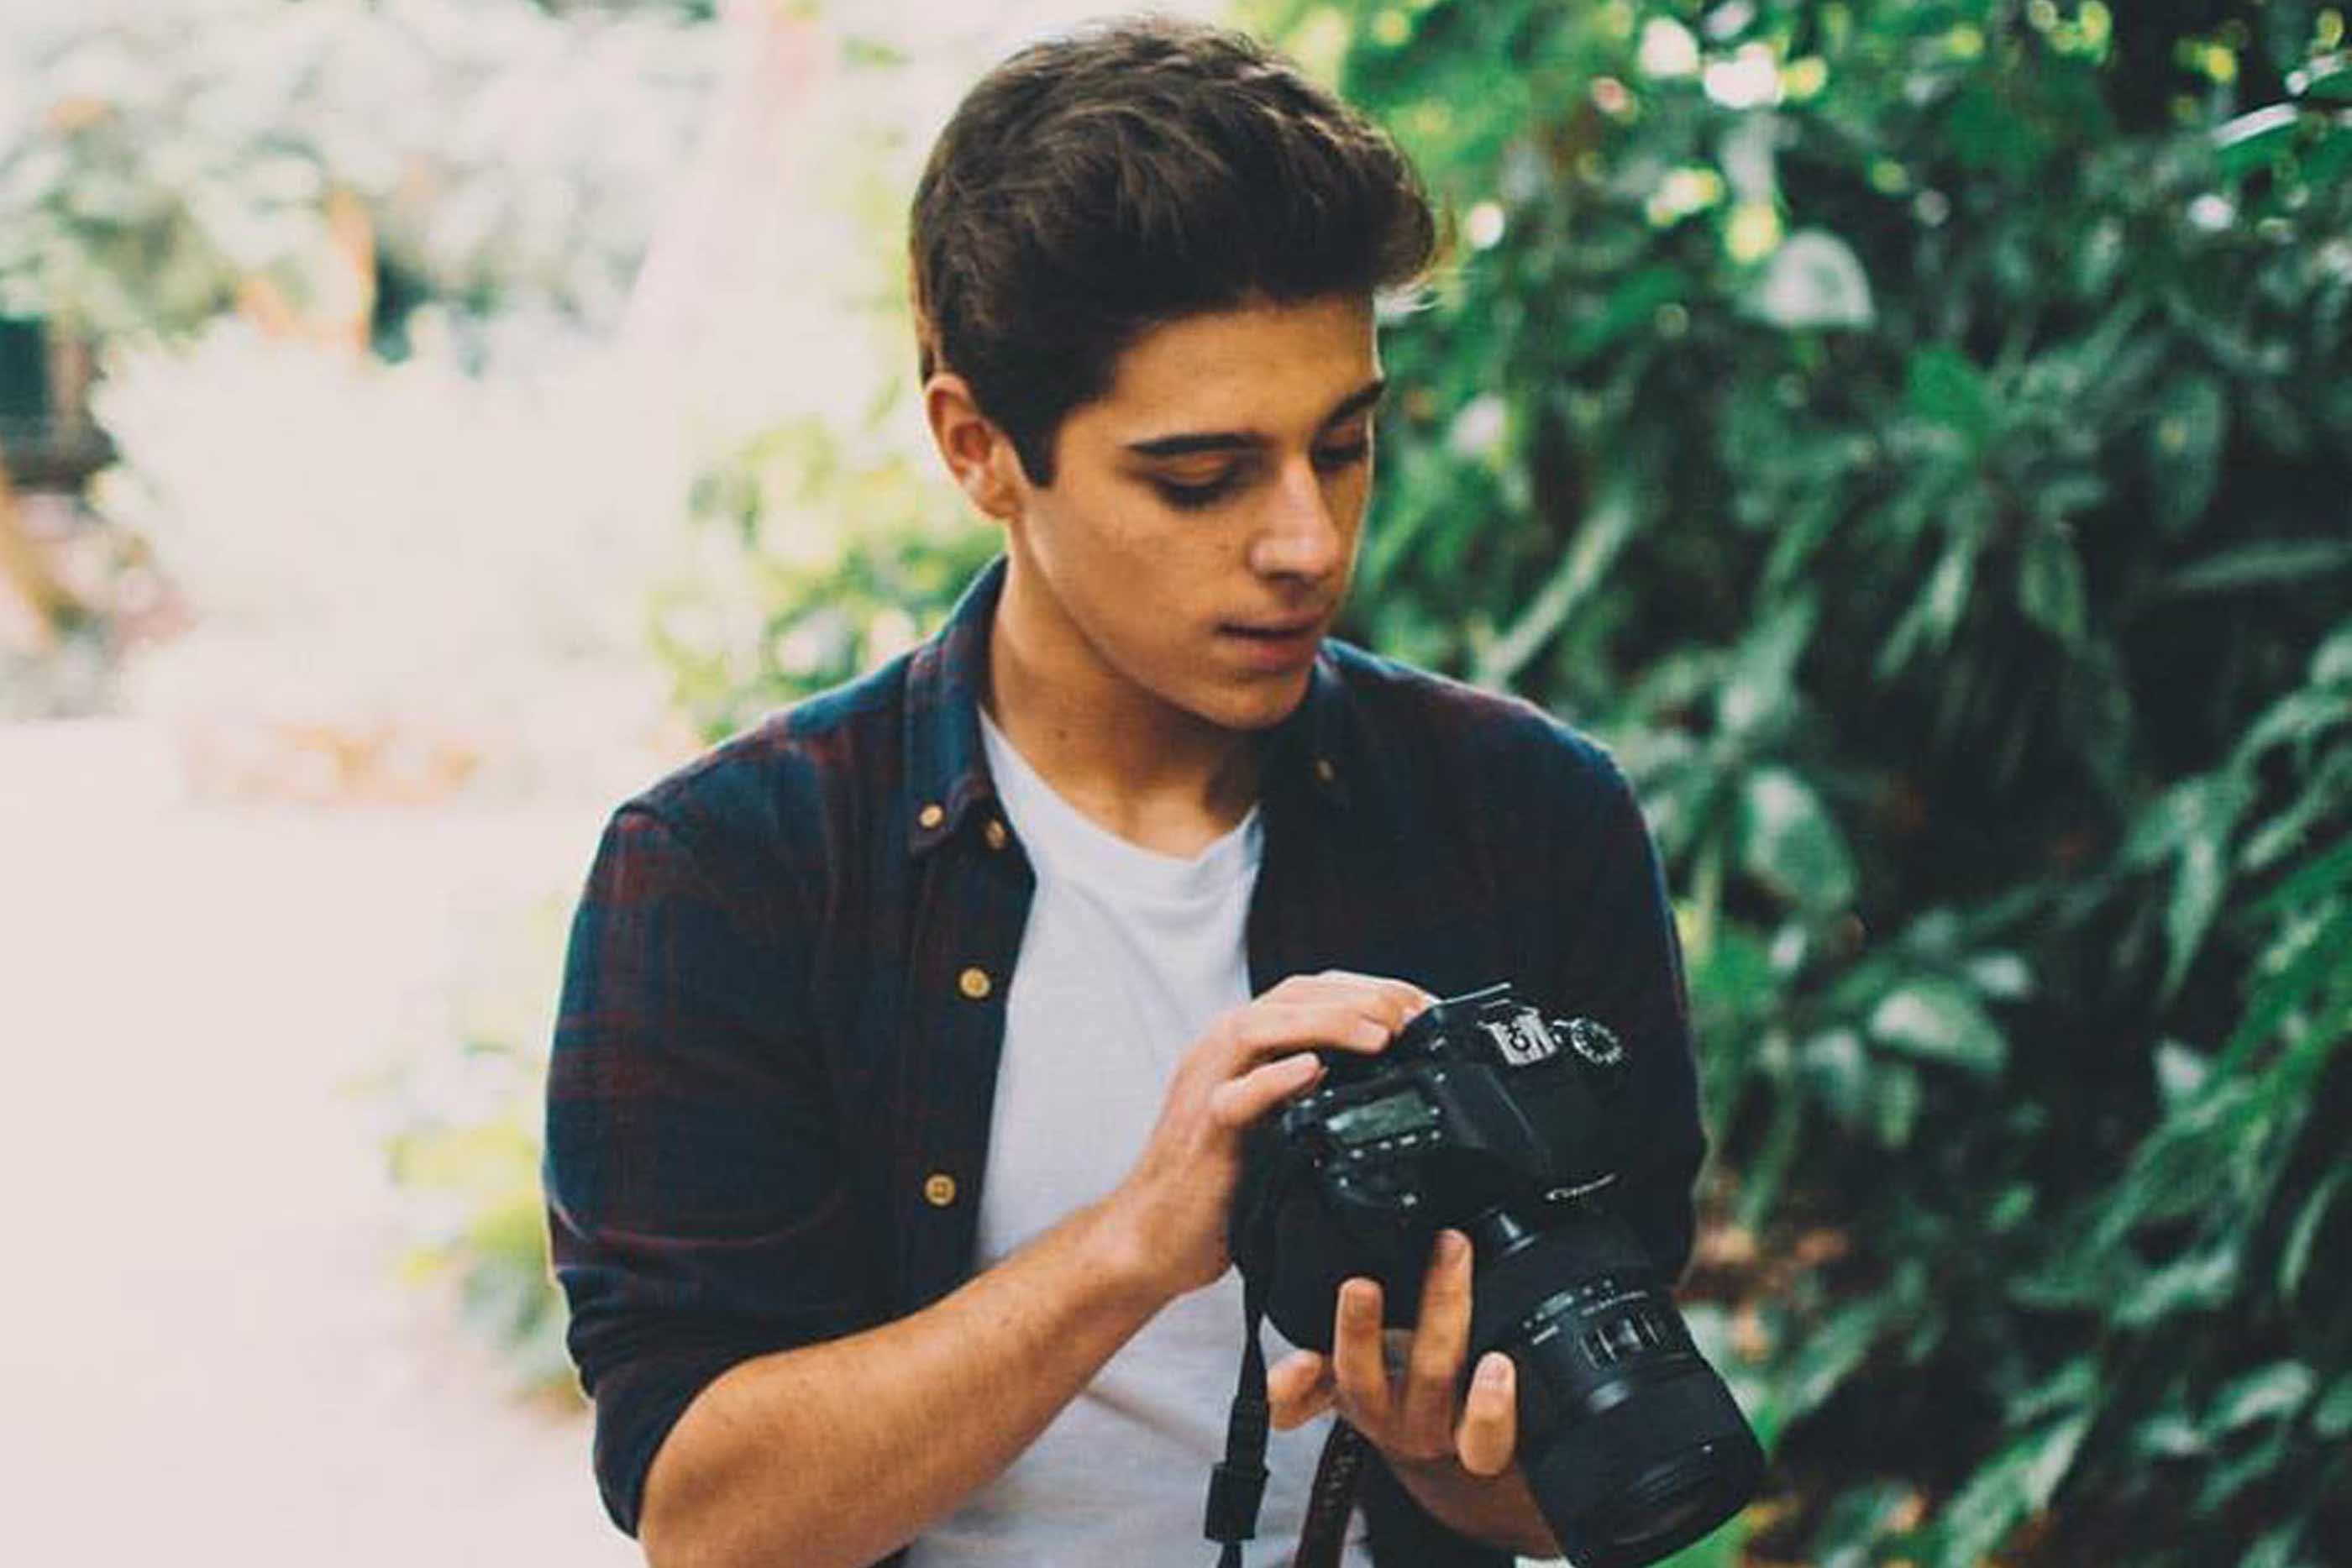 Tomás Silva e a sua máquina fotográfia